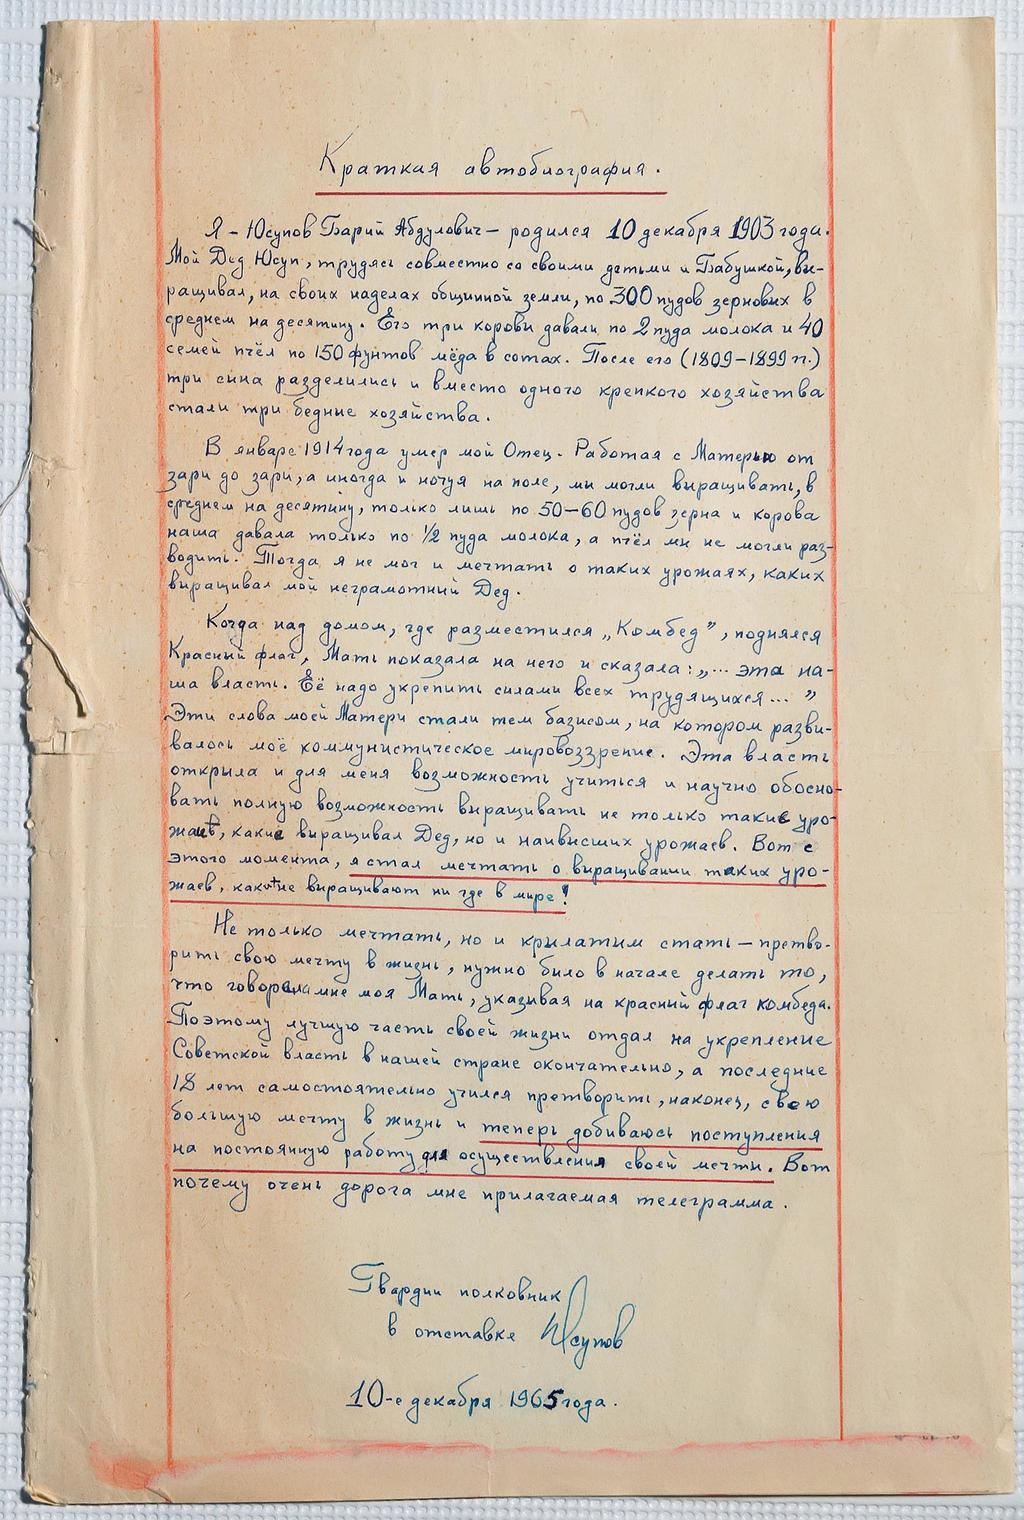 Автобиография полковника Юсупова Б.А. (1903-1983). 10 декабря 1965 года   АКМ. КП -  1719/8  размер 8,3*18,7 ©Tatfrontu.ru Photo Archive